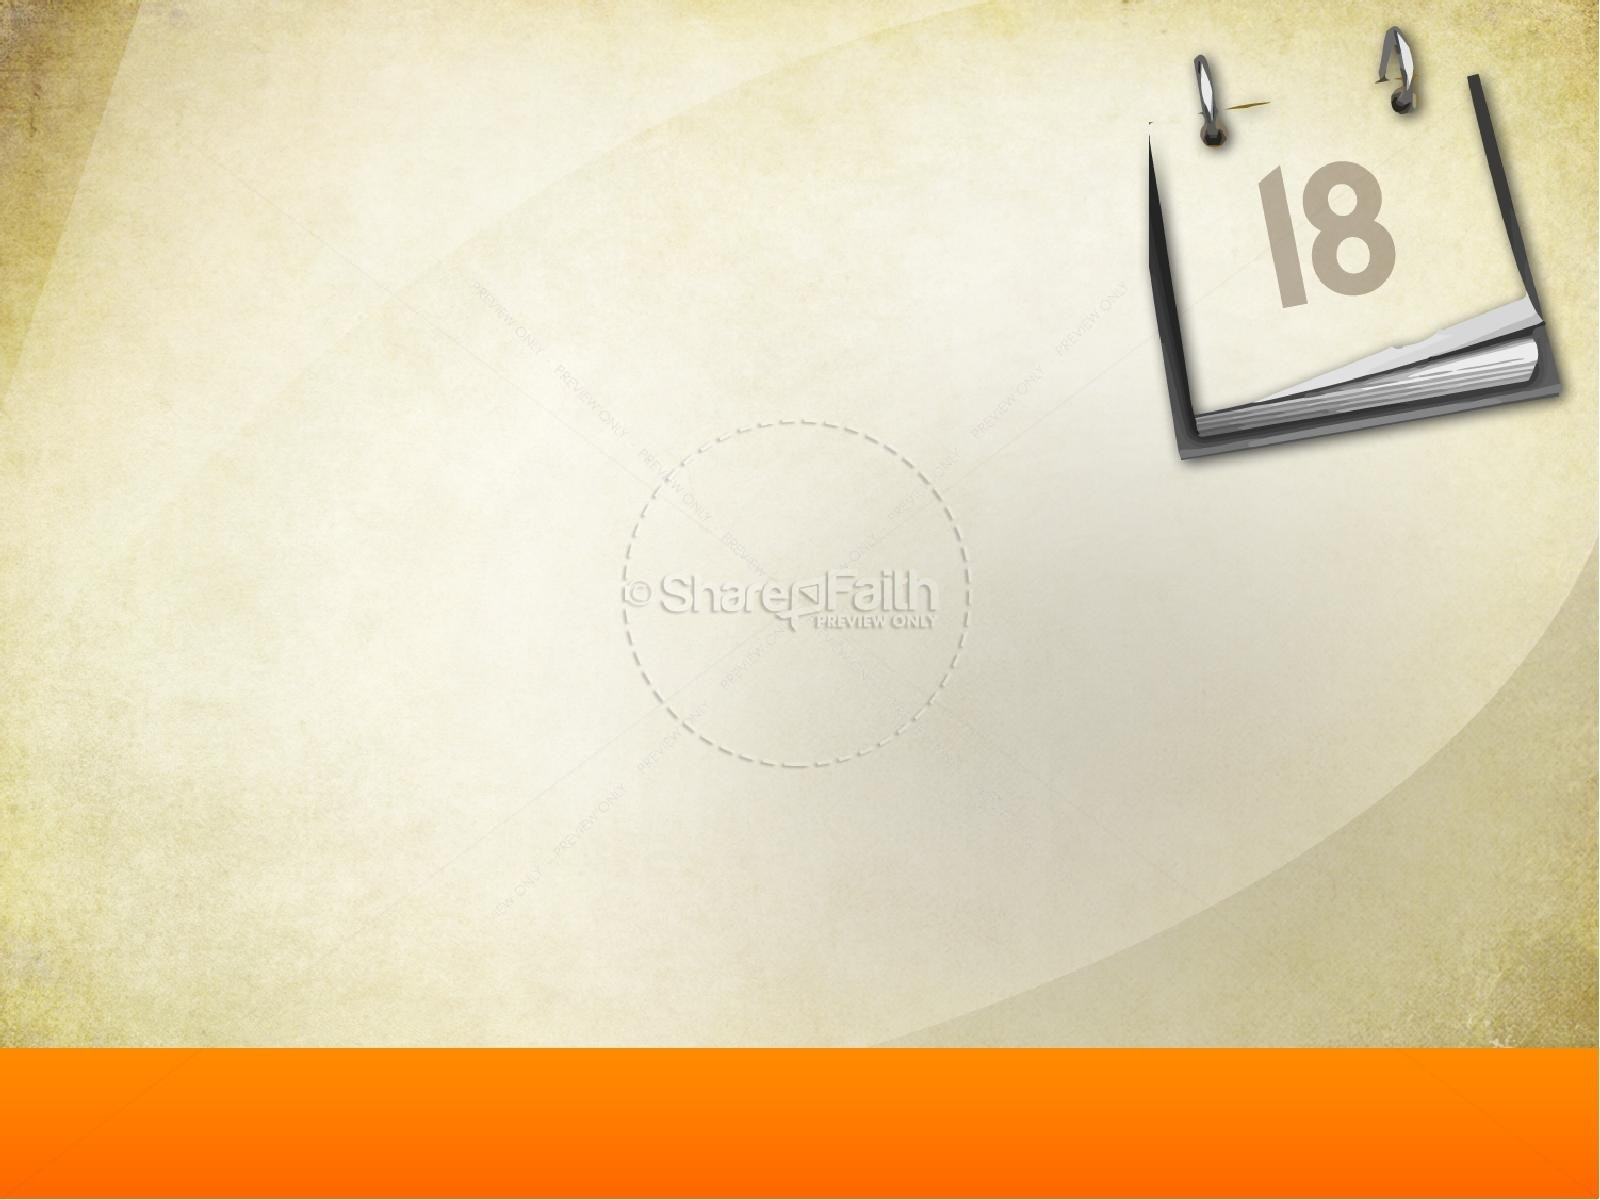 Church Calendar Powerpoint Template | Powerpoint Sermons regarding Church Calendar Of Events Template